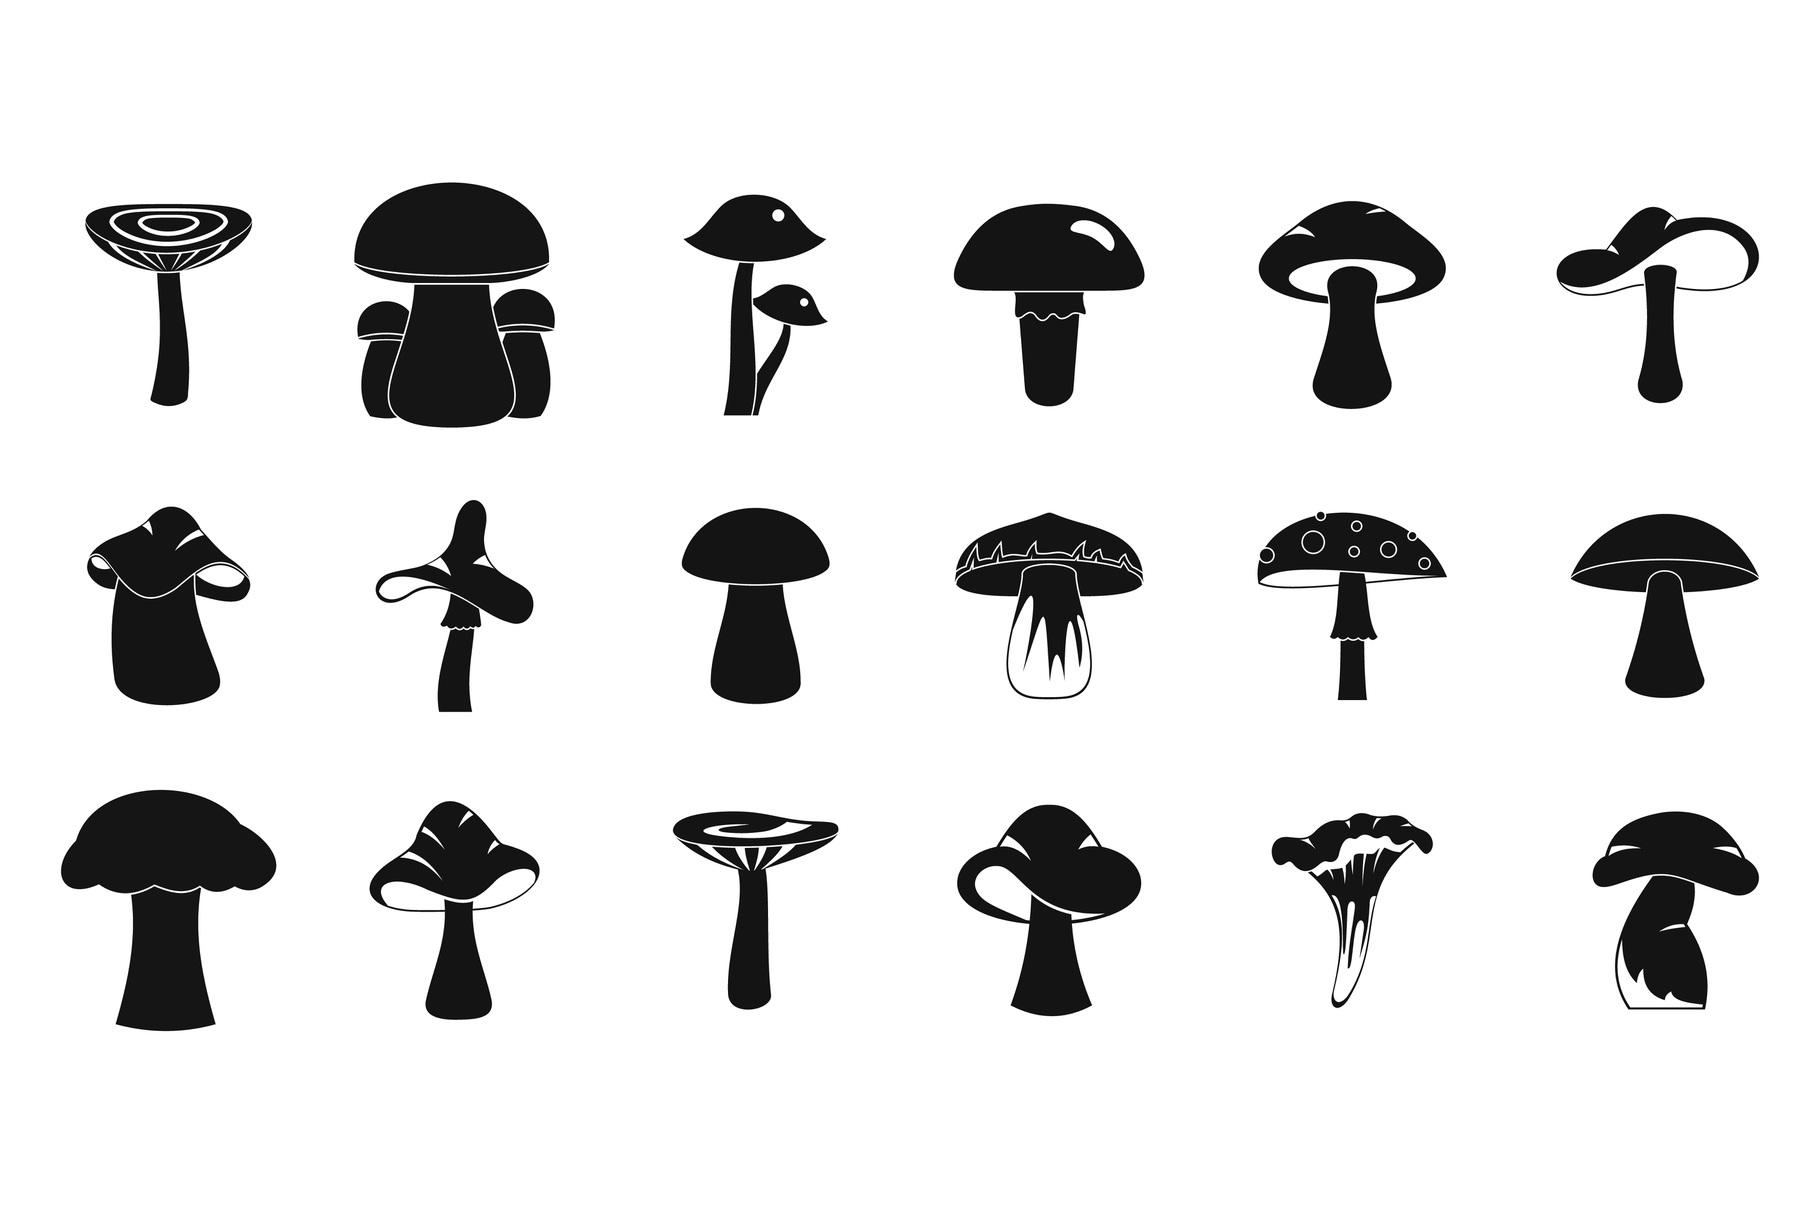 Mushroom icon set, simple style example image 1